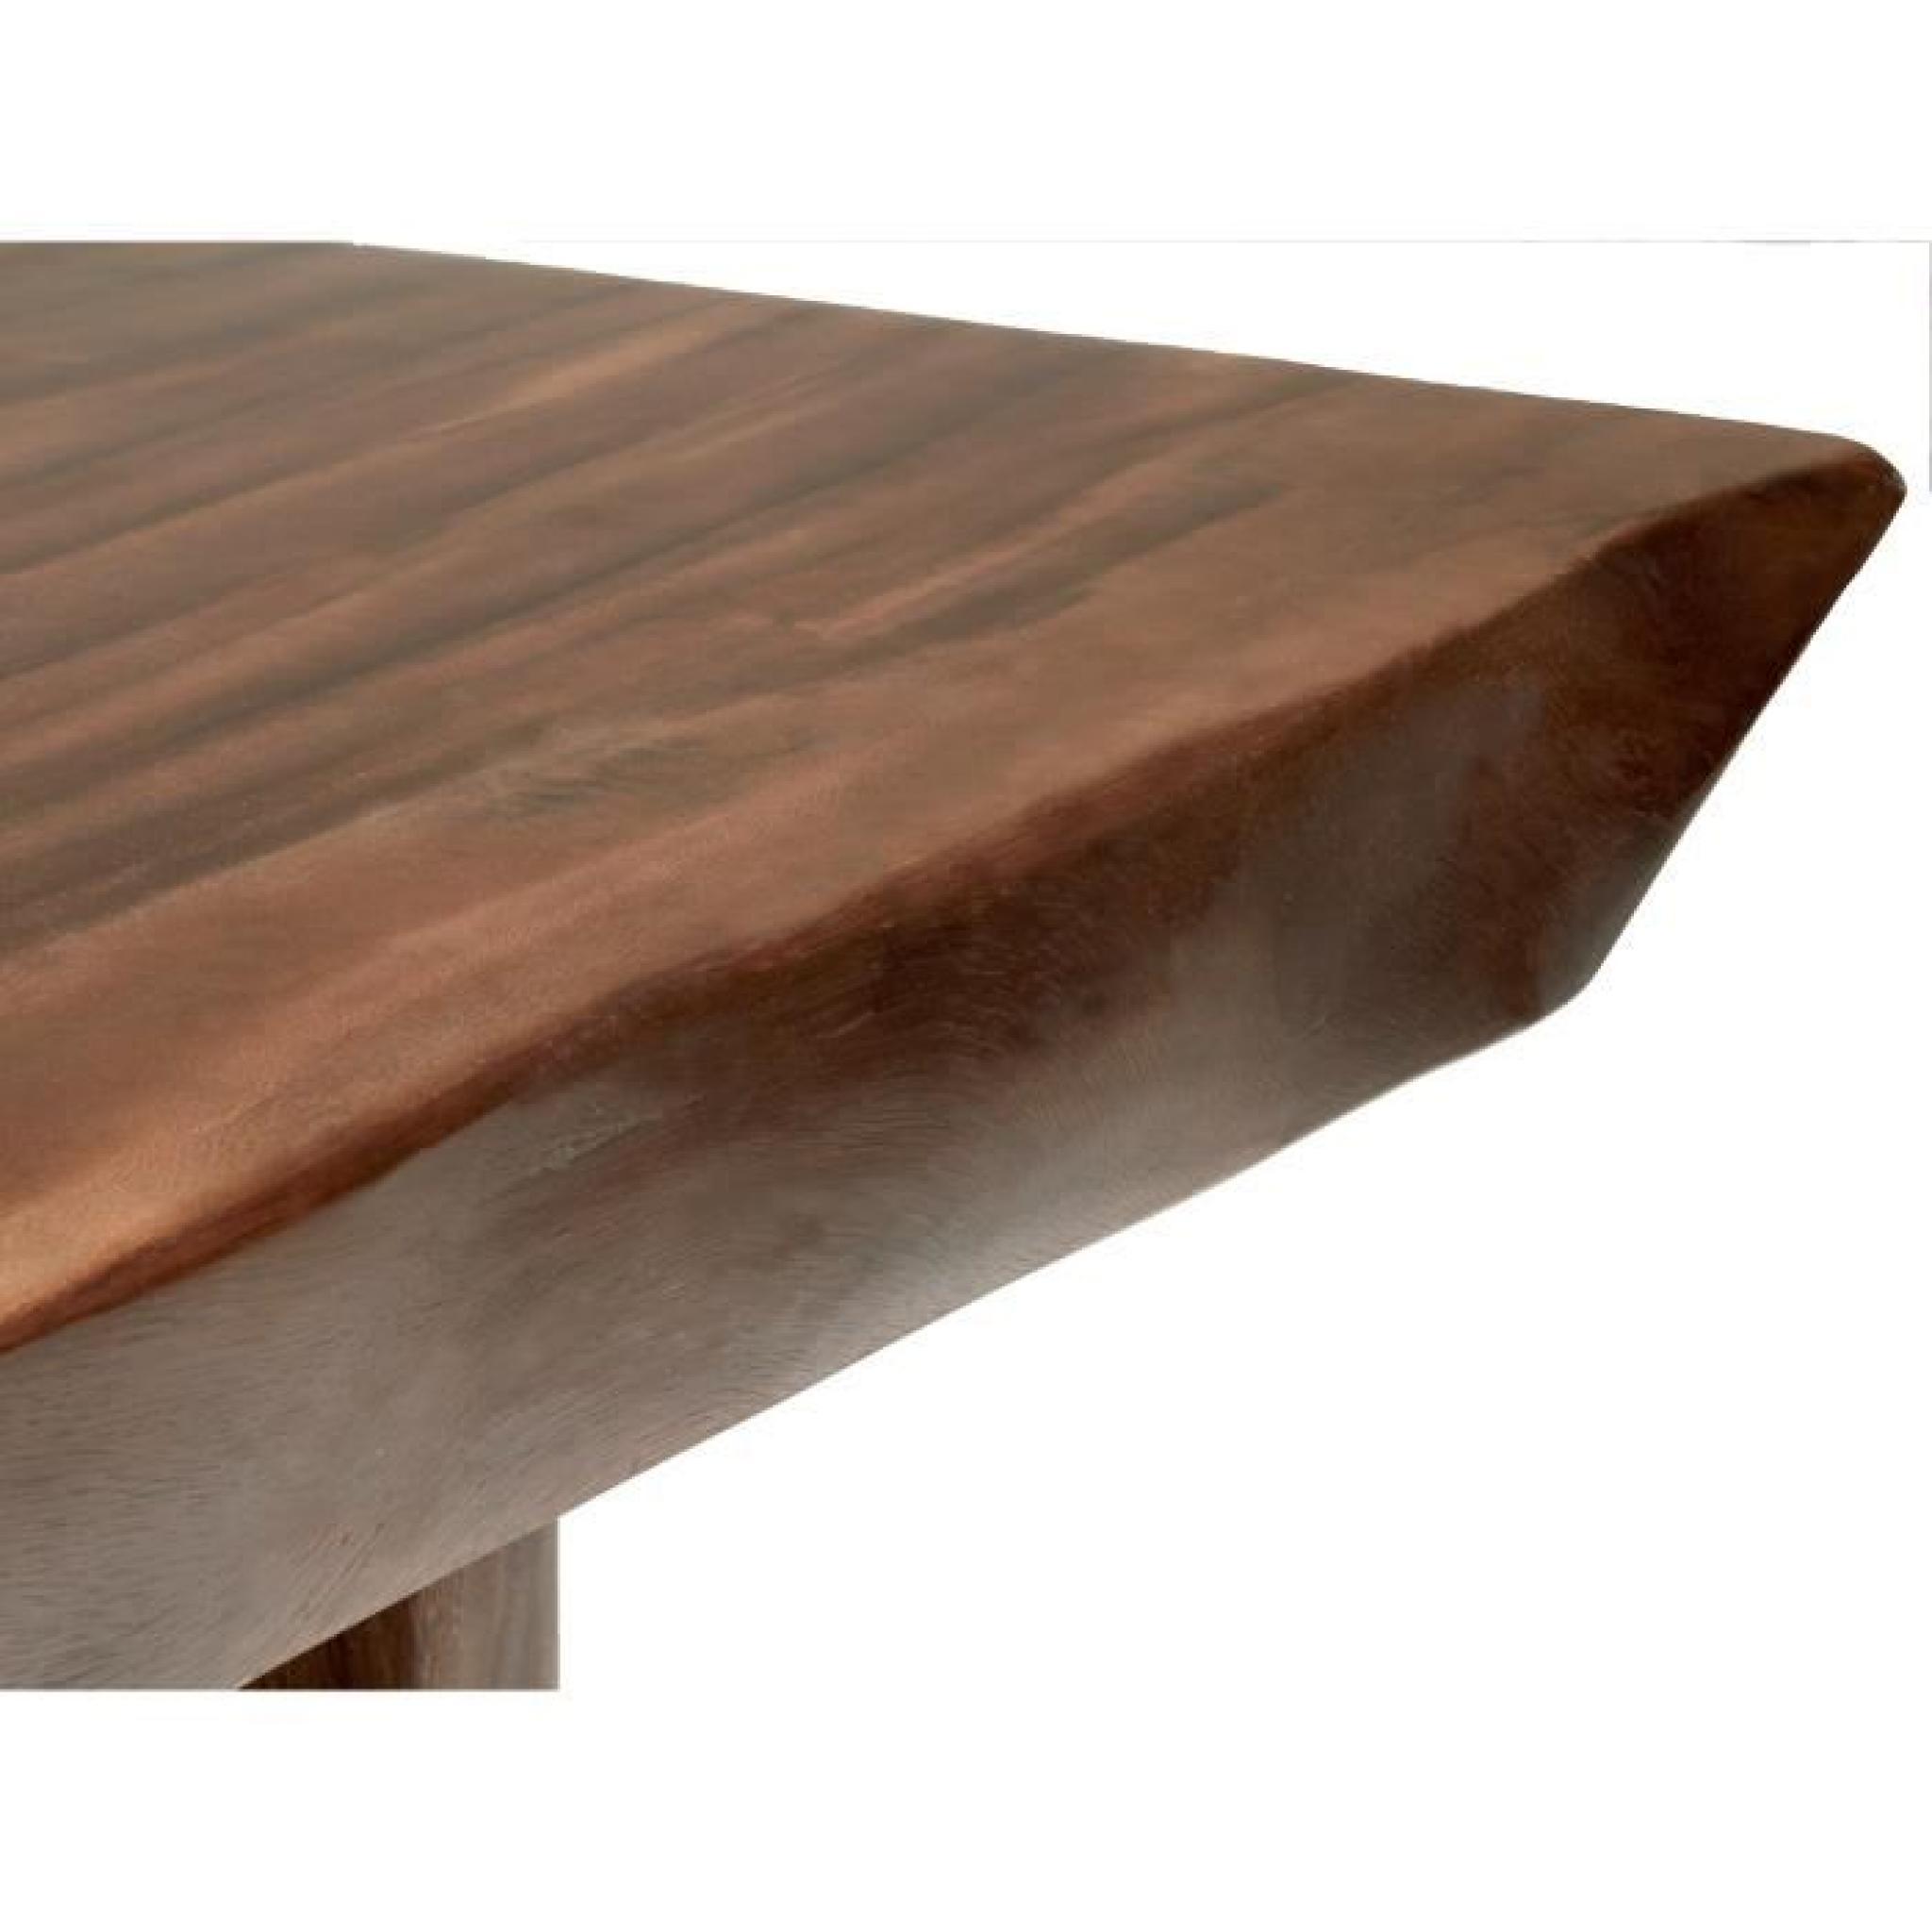 table manger one piece 200x120 en bois de suar massif massivum achat vente table salle a. Black Bedroom Furniture Sets. Home Design Ideas